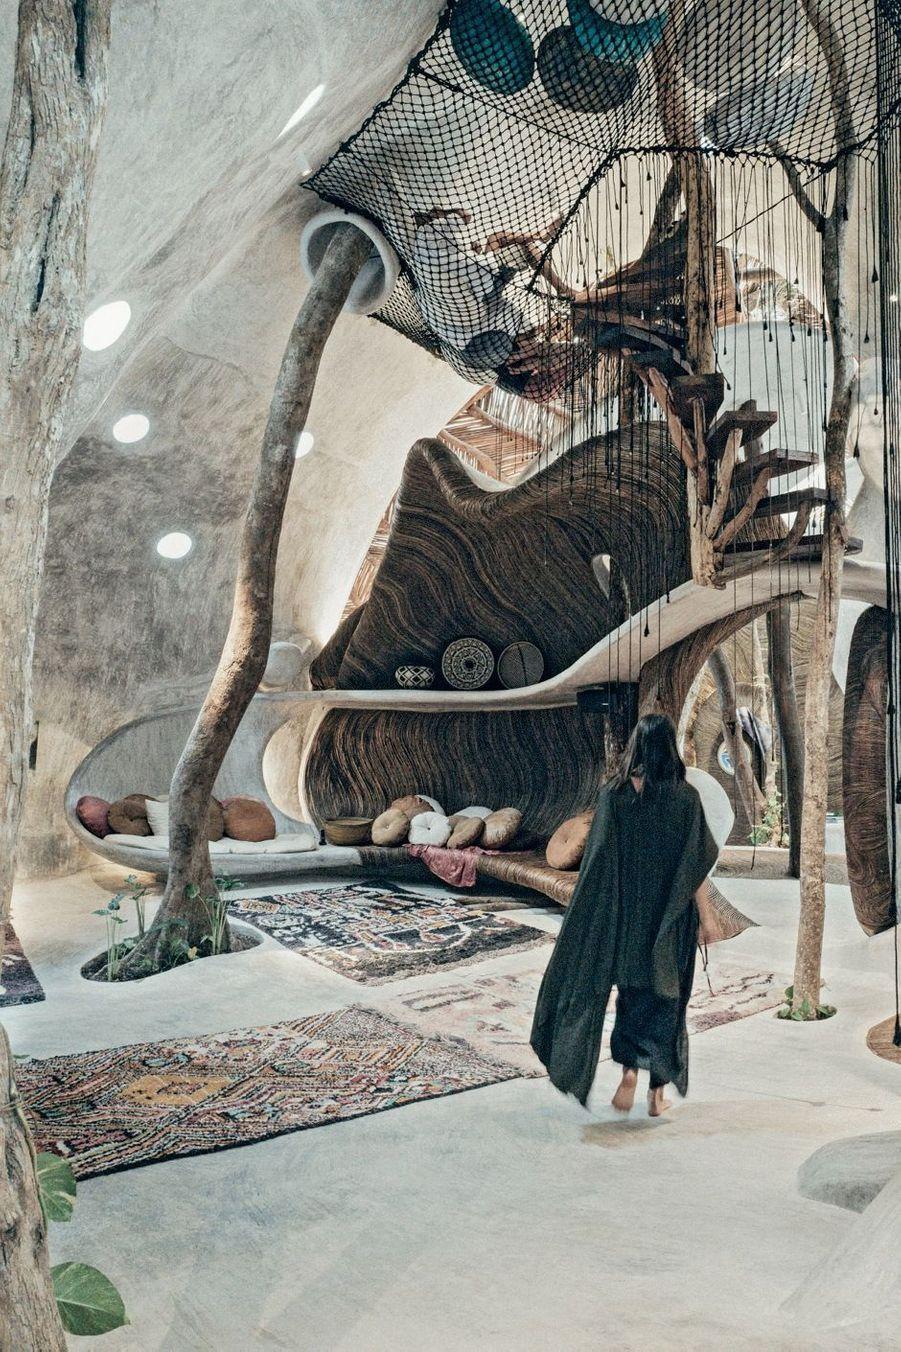 La galerie d'art Azulik Uh May, perdue dans la forêt tropicale, à une heure de Tulum et inaugurée le 30 novembre 2018. L'architecture est 100 % écoresponsable.